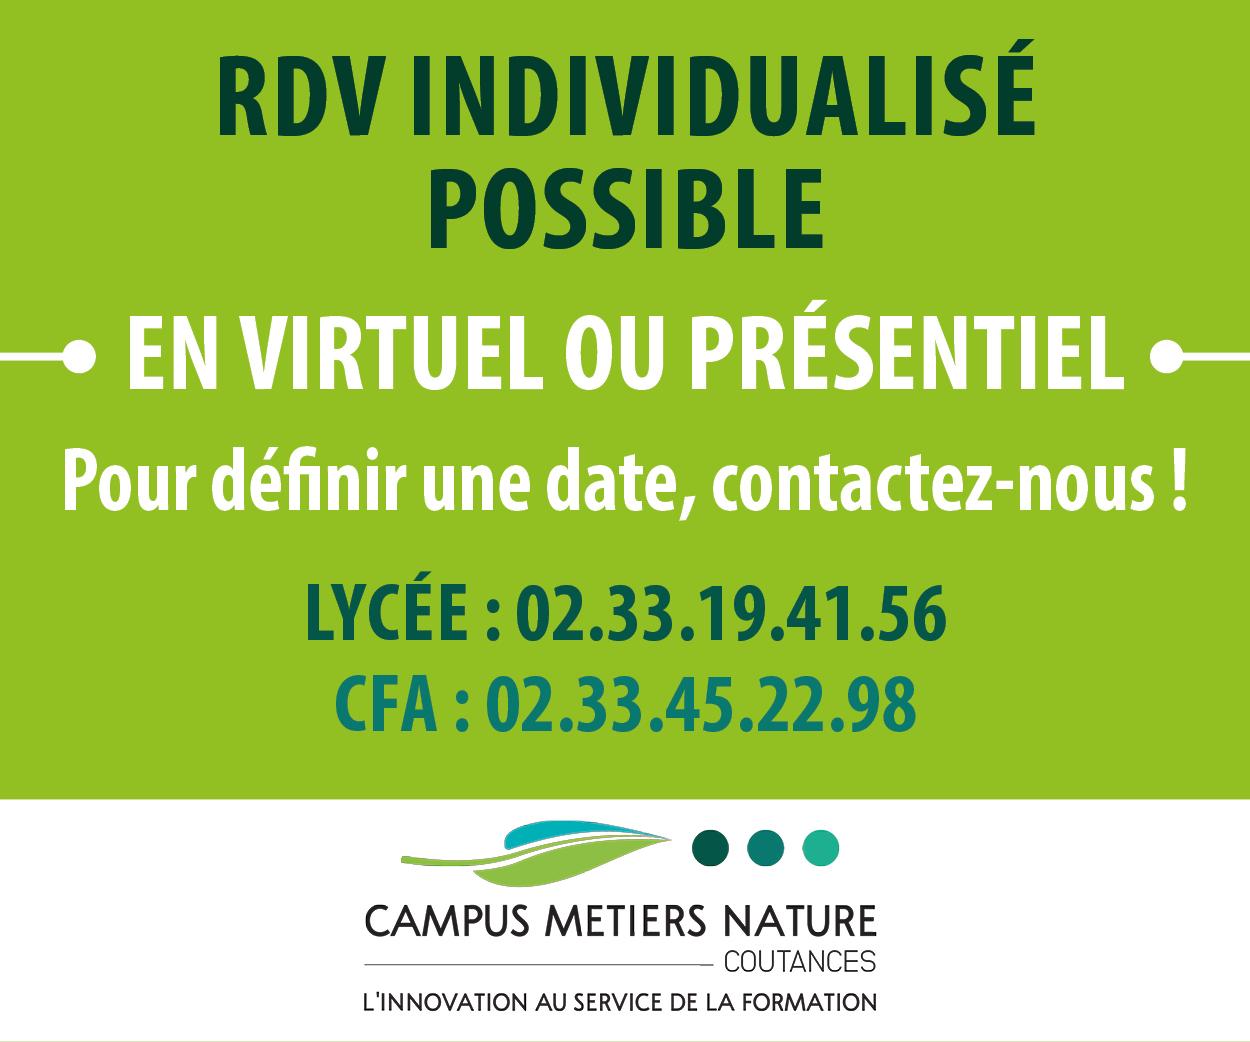 RDV individualisé possible en virtuel ou présentiel